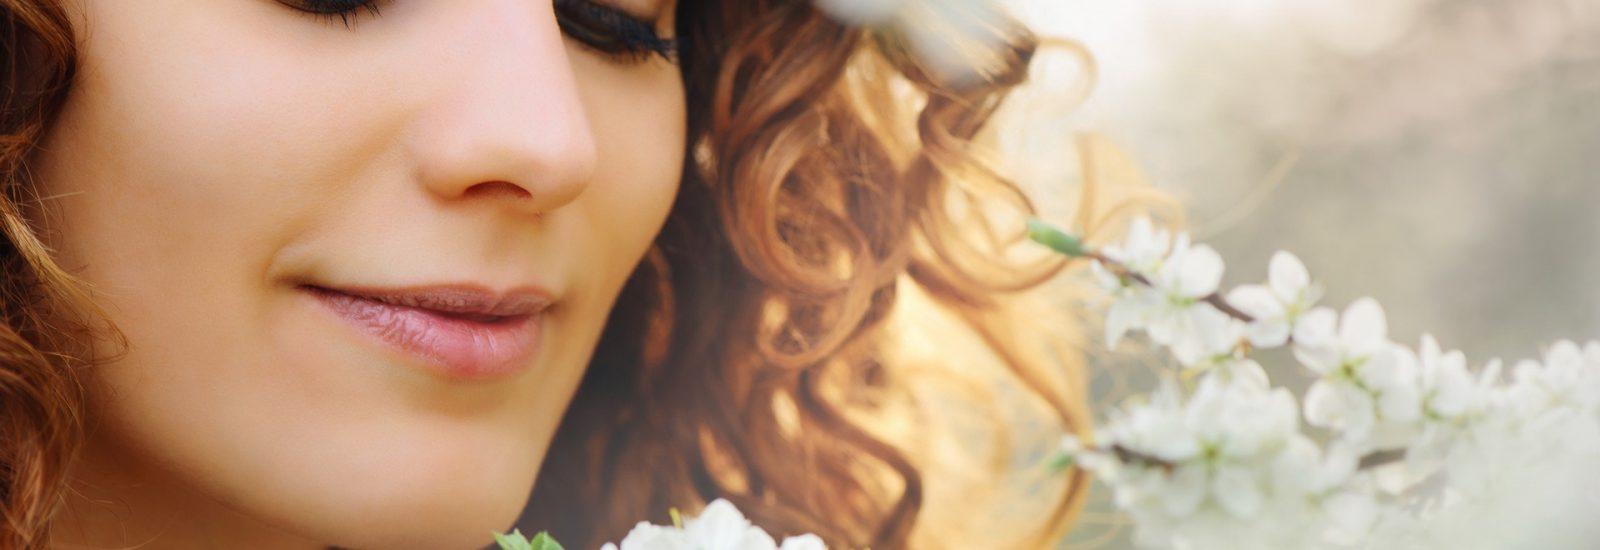 beautiful-3223194_1920 (1) nr2